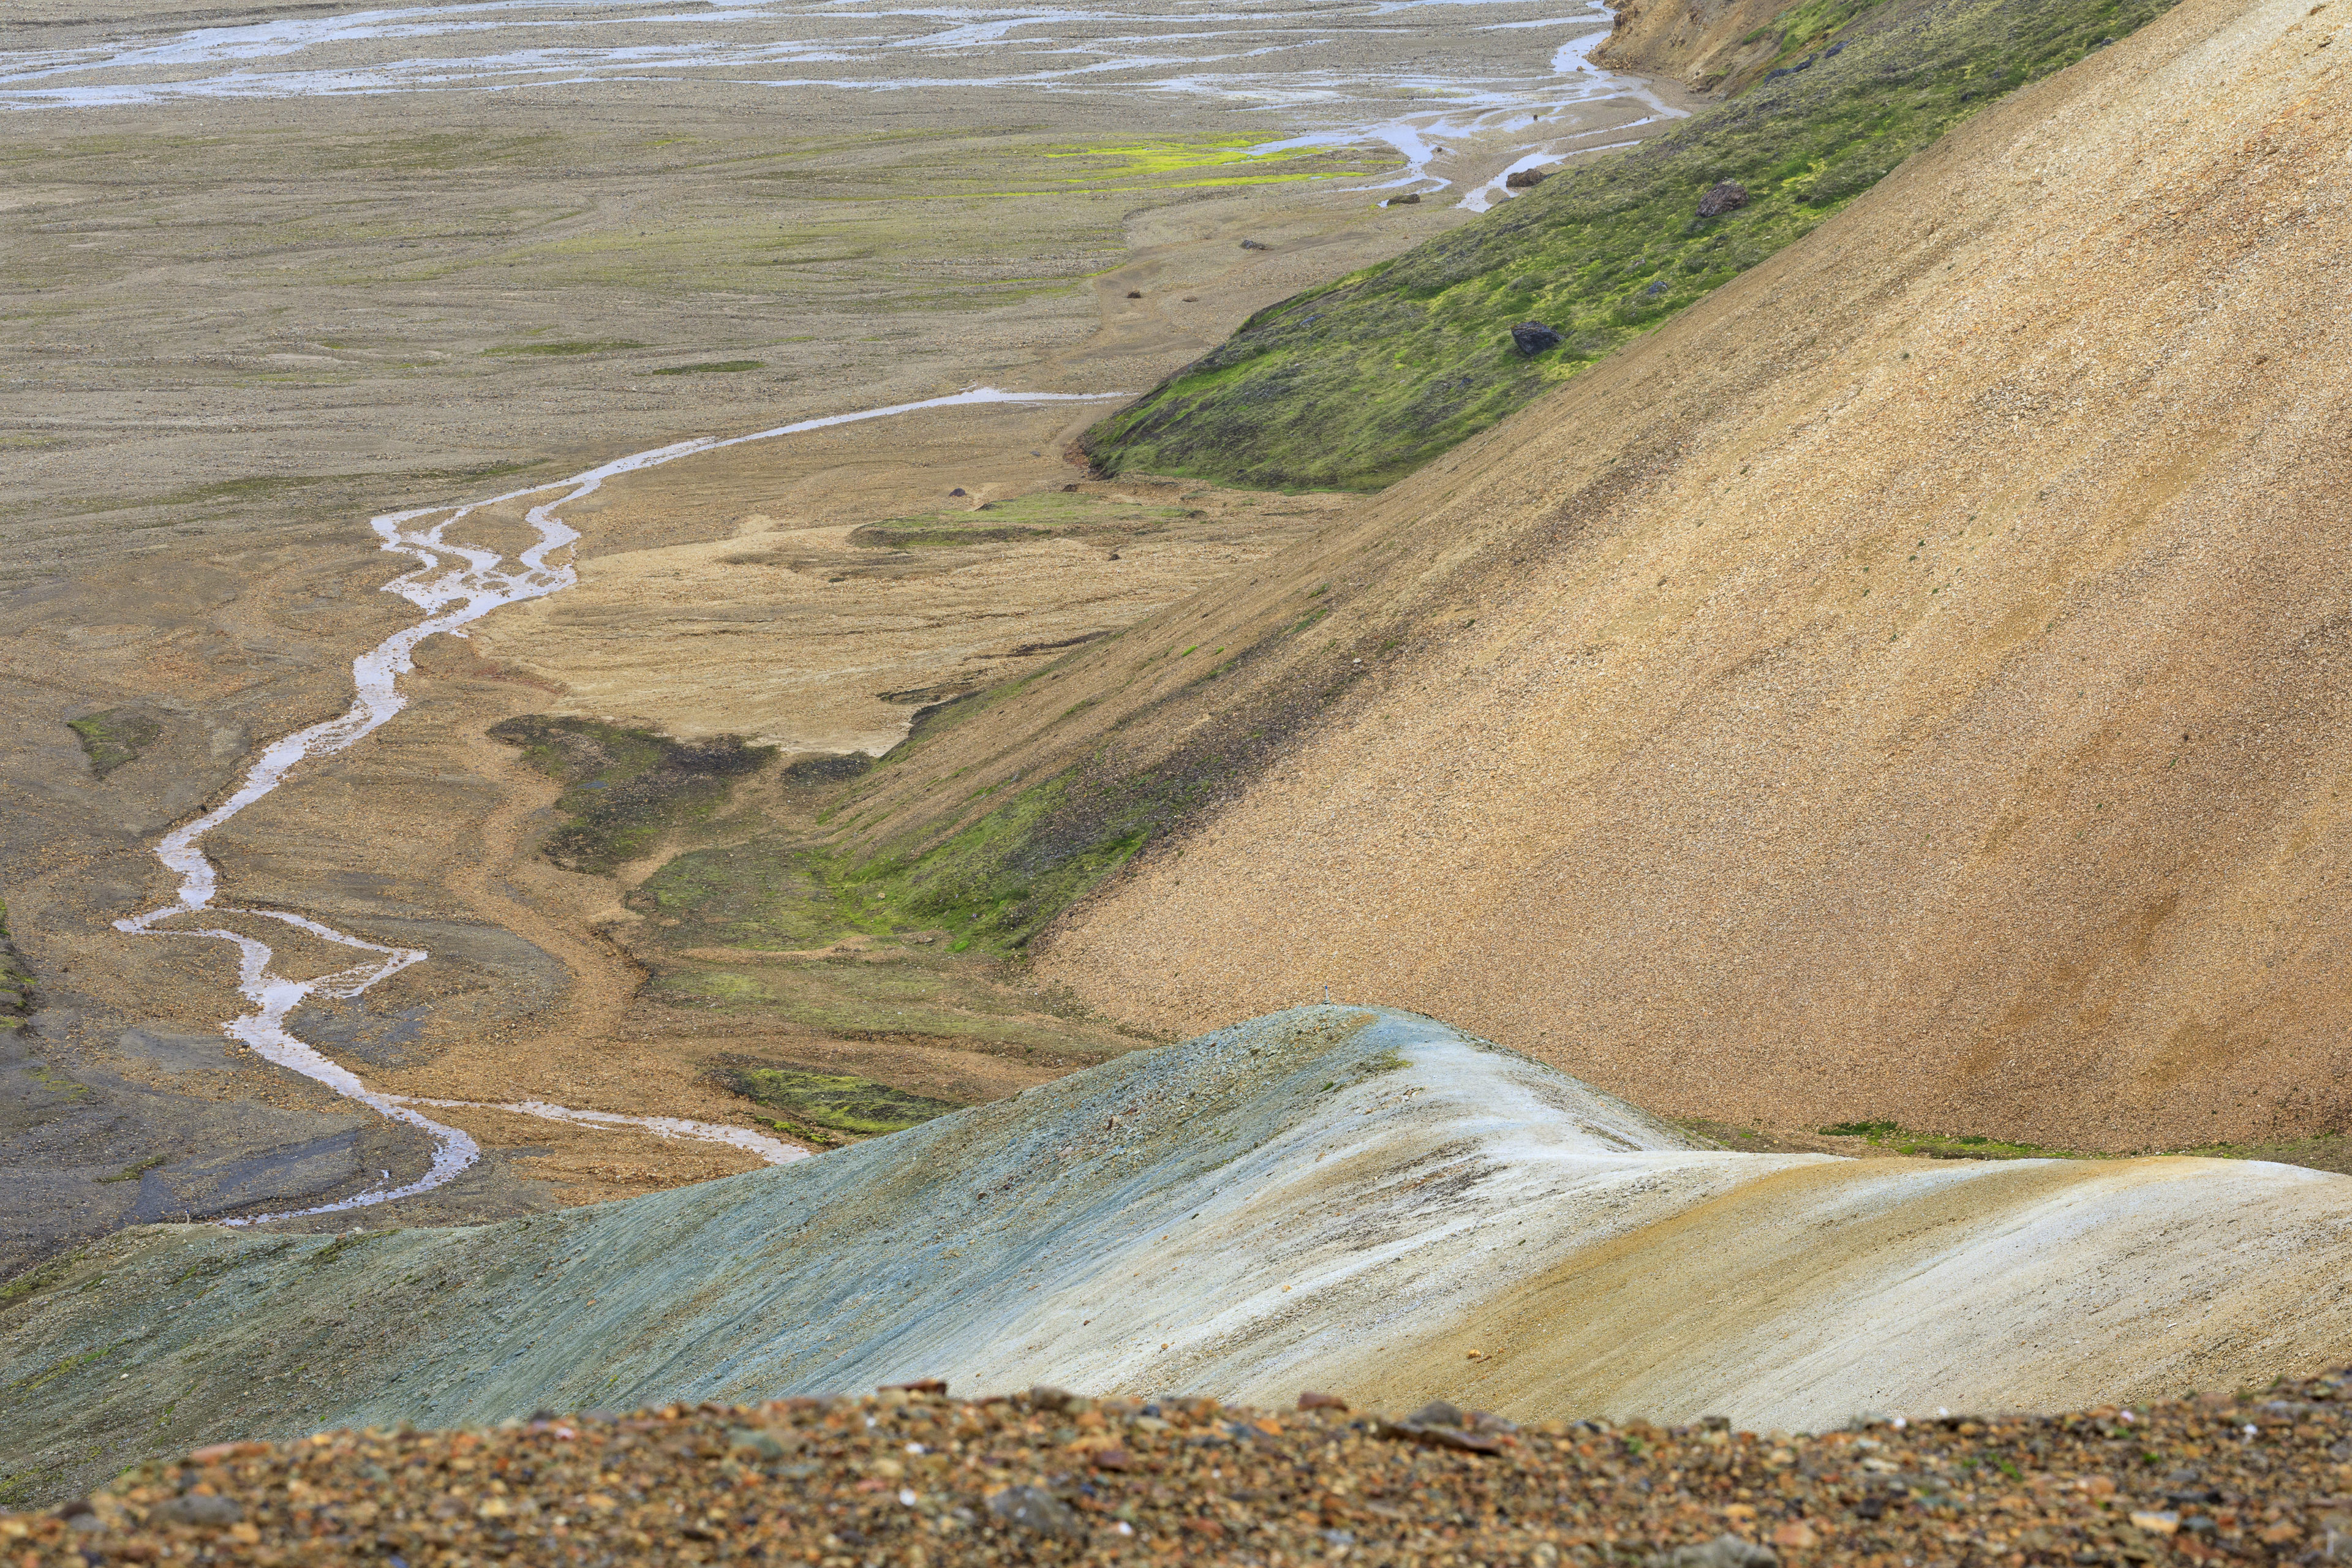 Aufstieg von Landmannalaugar in Richtung Skalli (Blick zurück),©Markus Proske—Canon EOS 5D Mark IV, EF70-300mm f/4-5.6L IS USM, 140mm, 1/200s, Blende 11, ISO 400